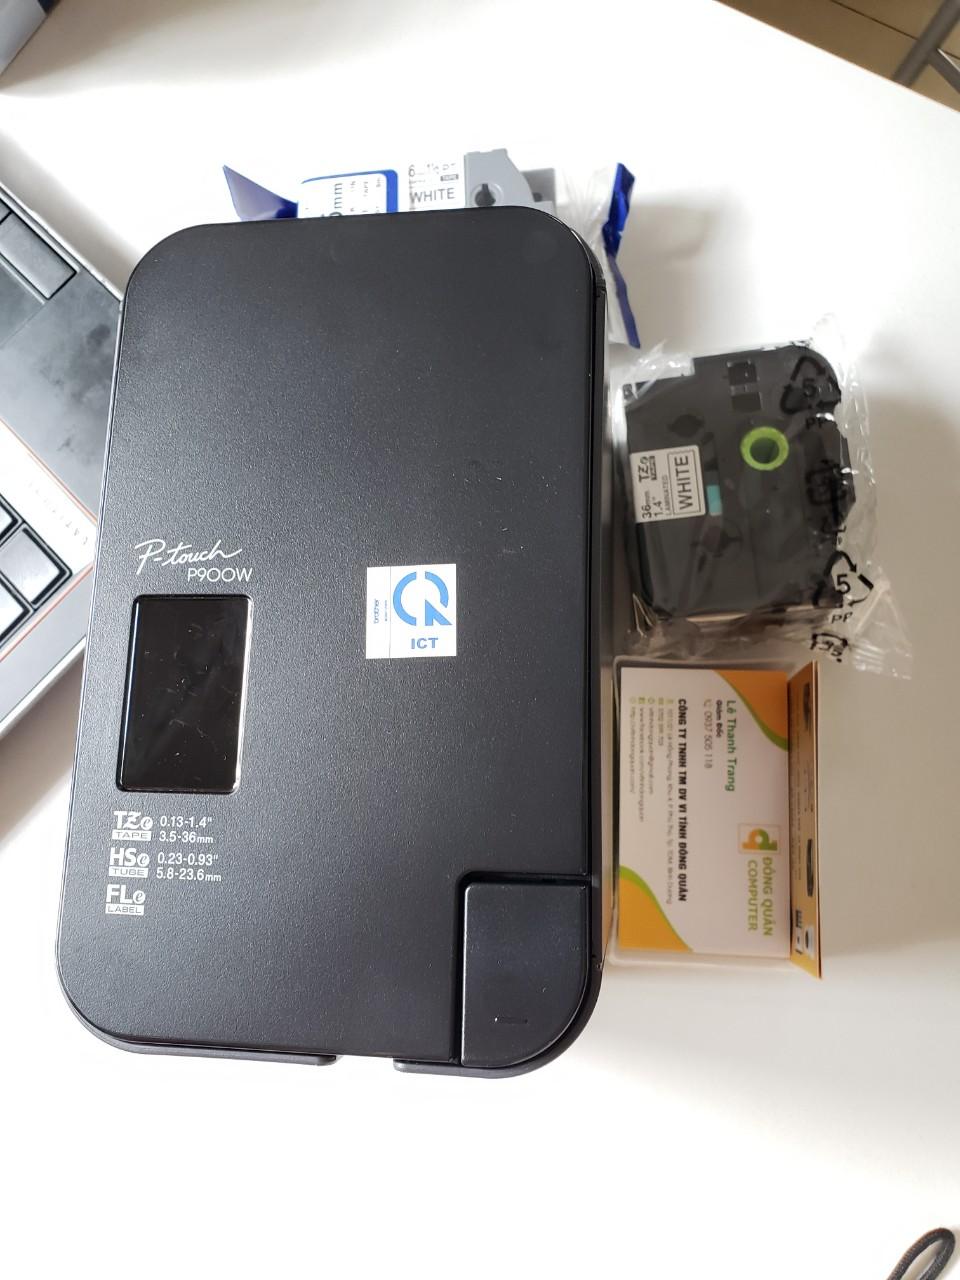 Máy in nhãn Brother PT-P900W - kết nối không dây